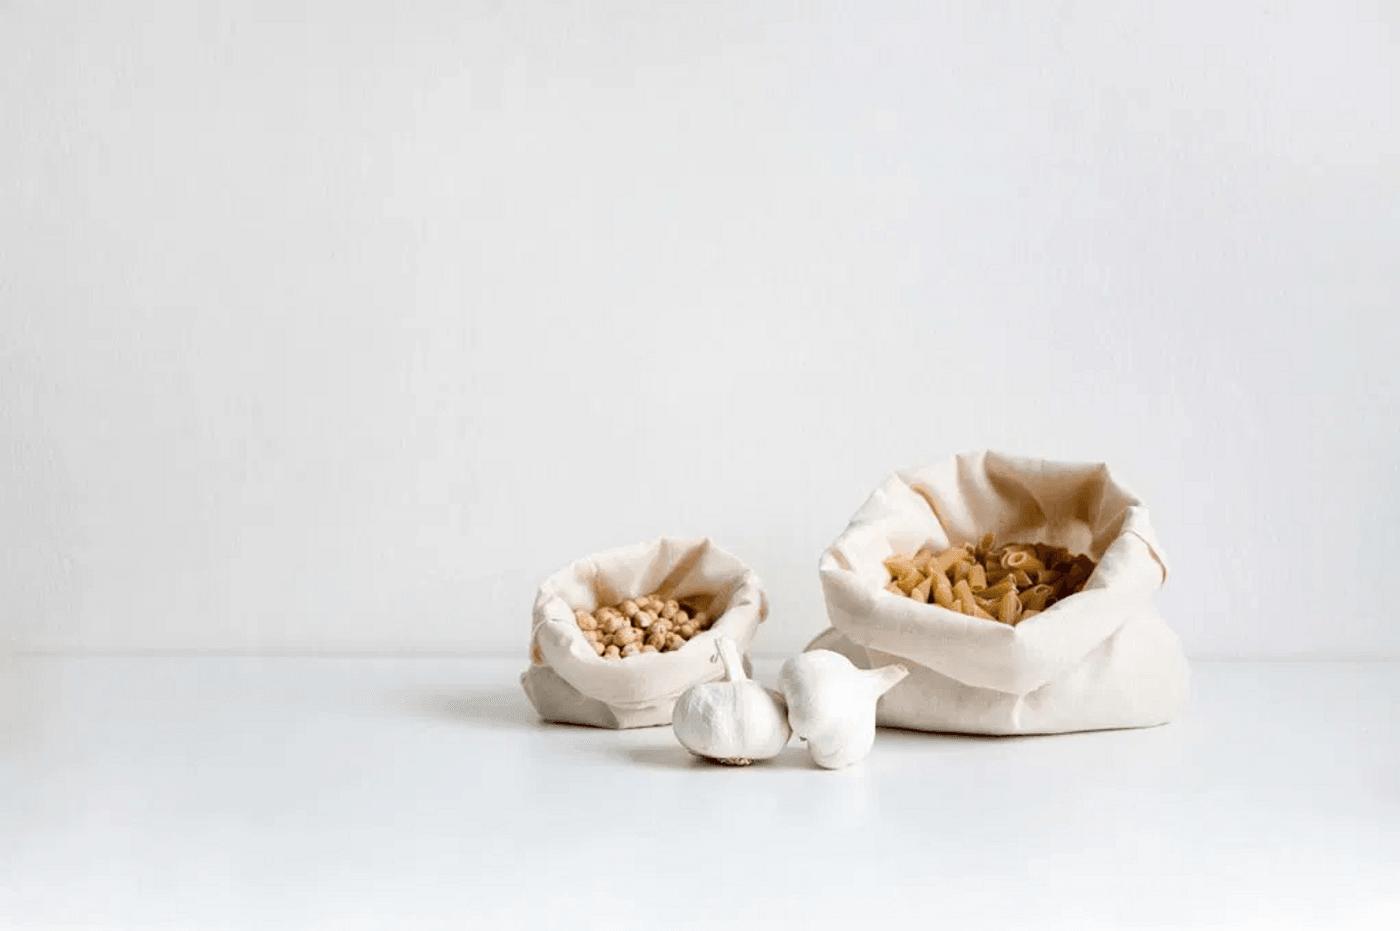 De la nourriture dans des sacs zéro déchet